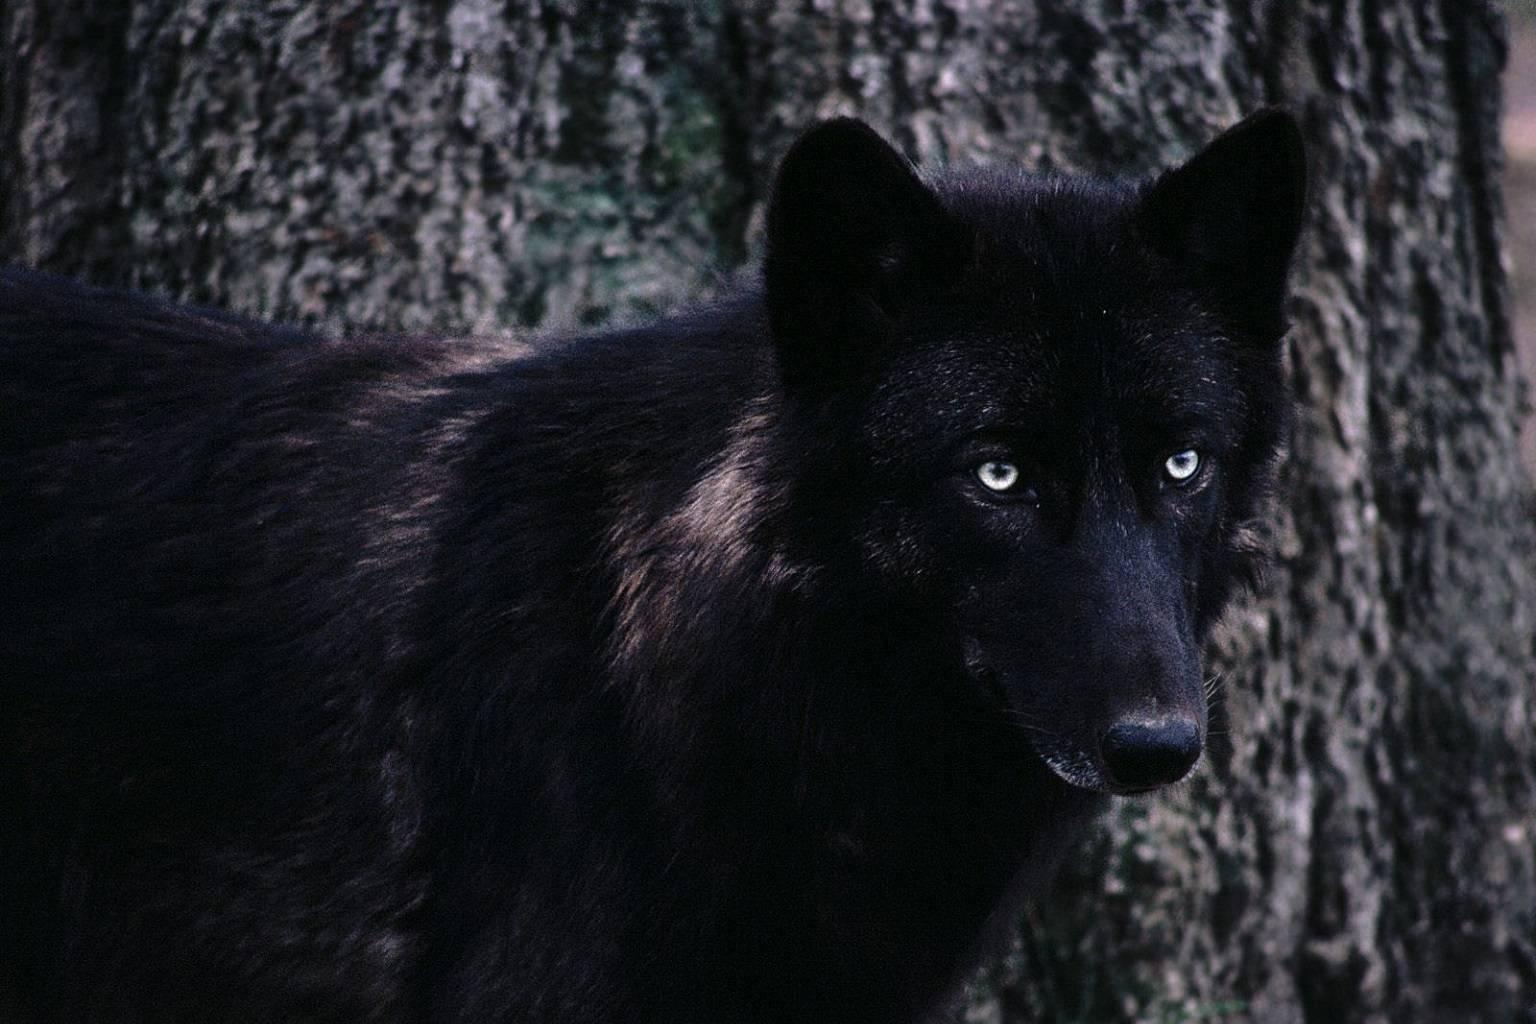 Darknes in the woods